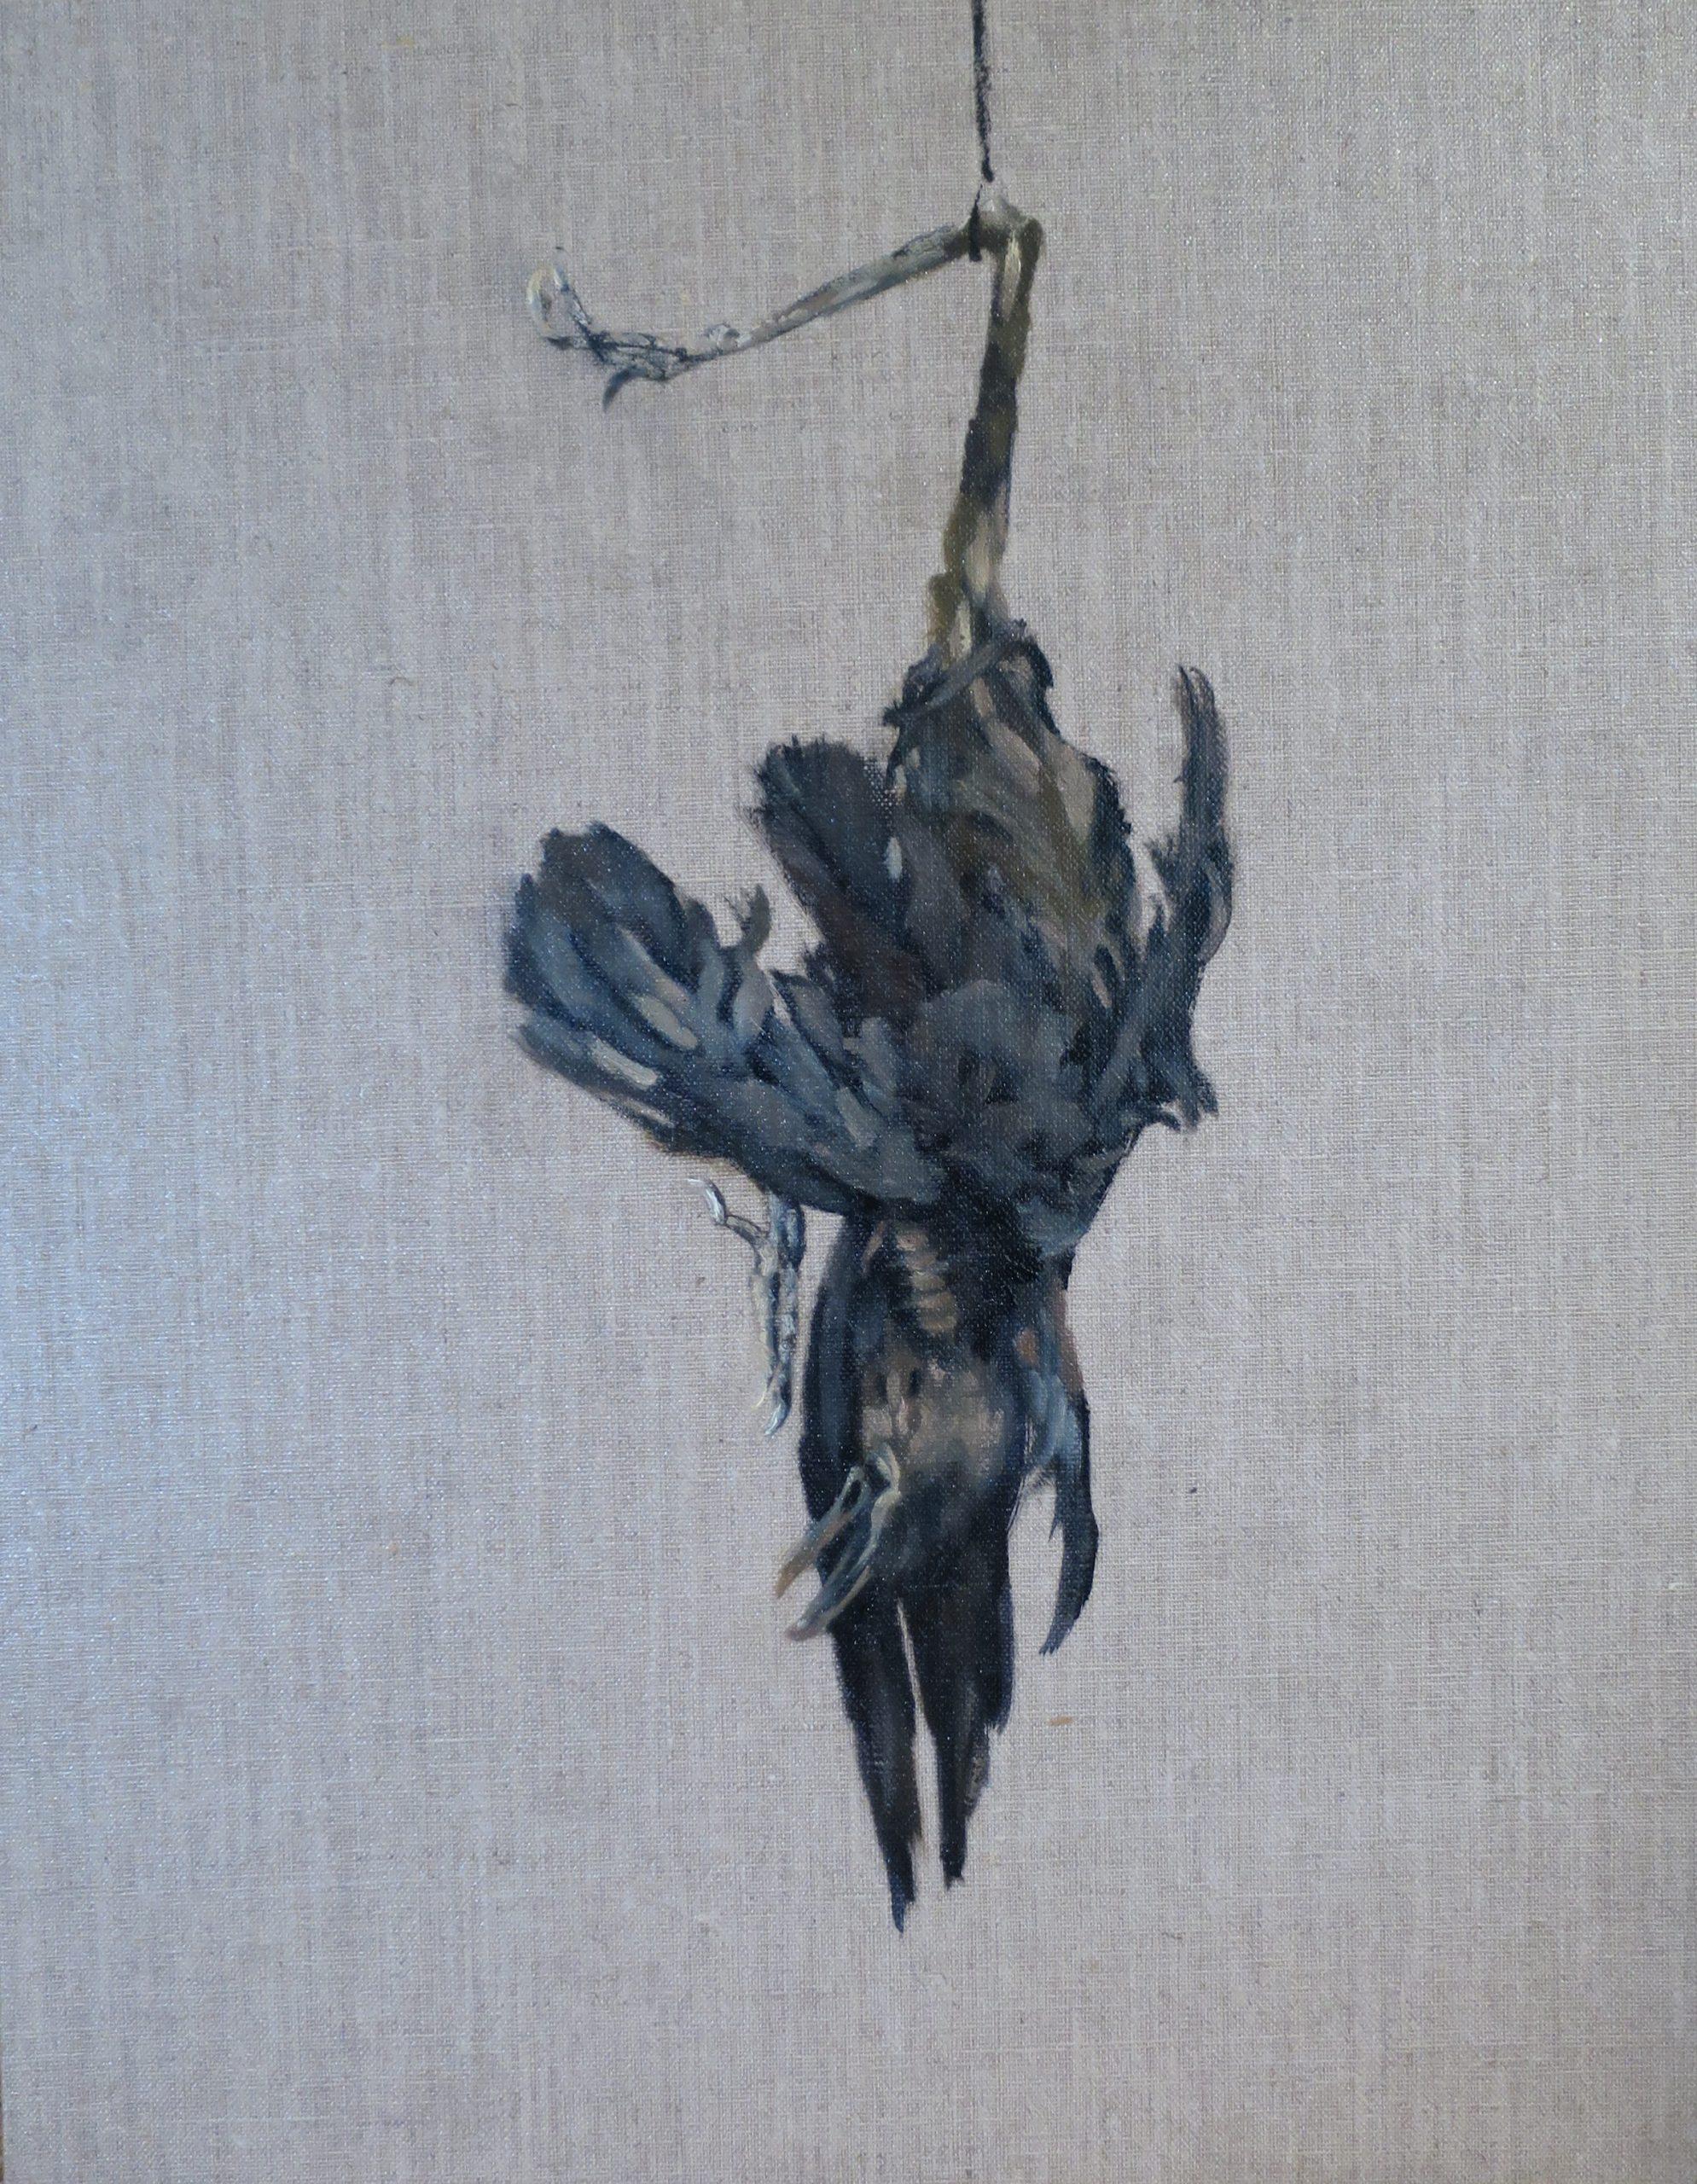 Study of a Blackbird